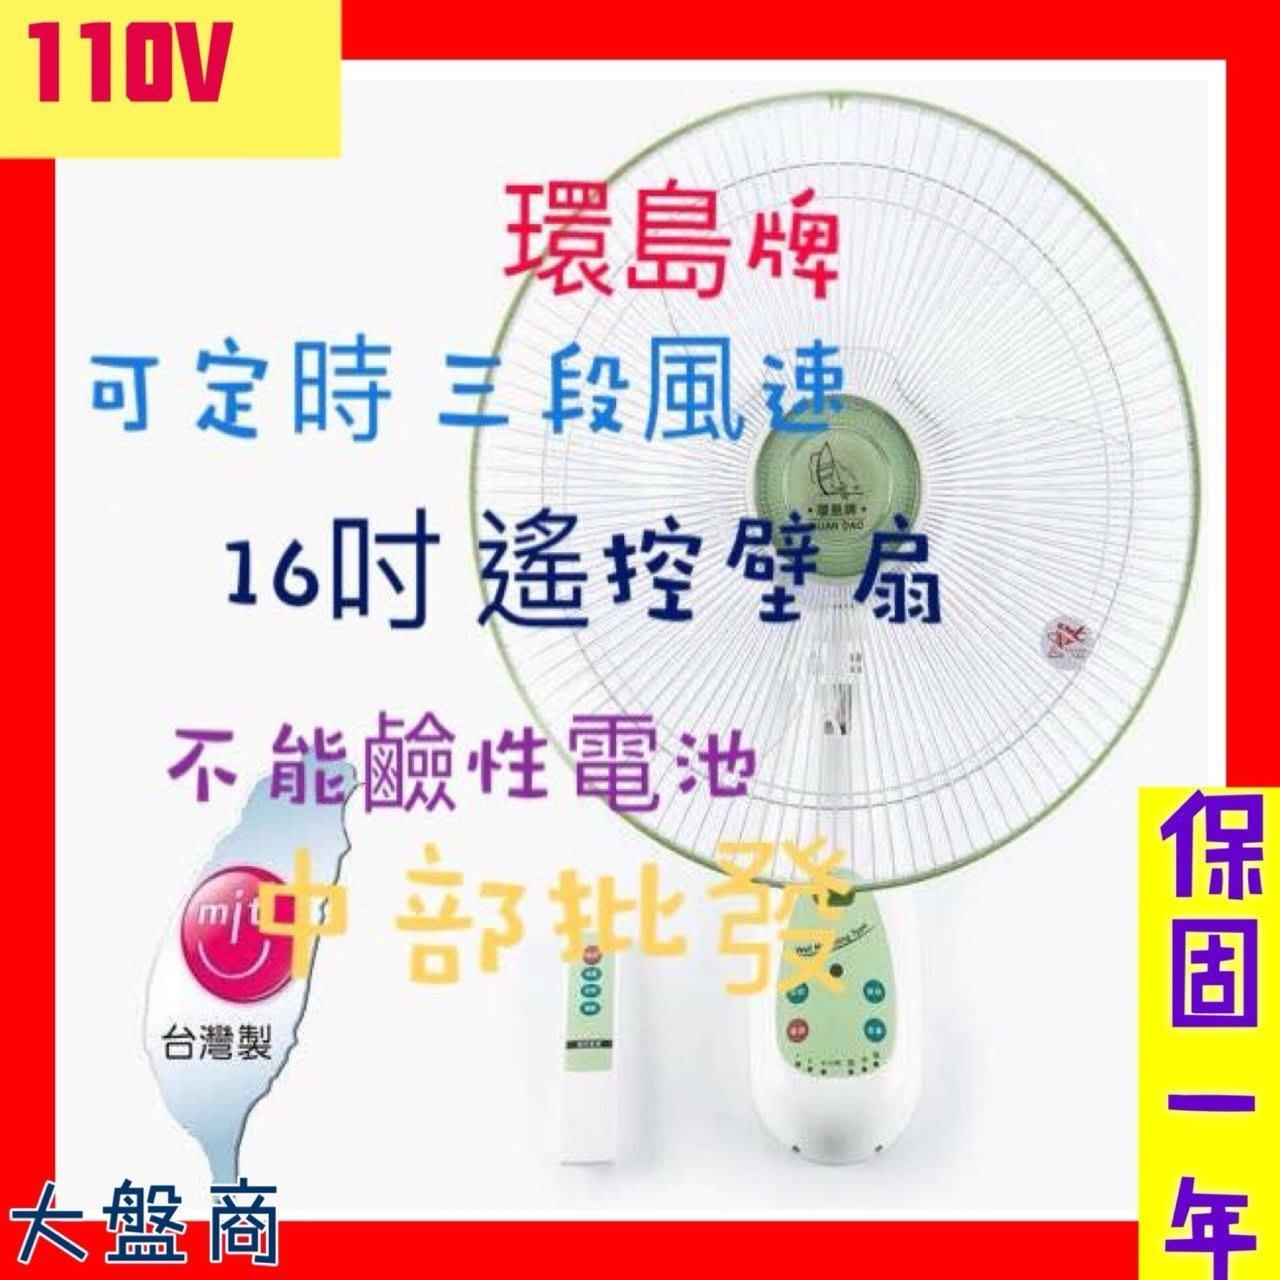 『中部批發』優佳麗 遙控式 16吋 遙控壁扇 排風扇 吊扇 電扇 電風扇 掛壁扇 通風扇 壁掛扇 (台灣製造)